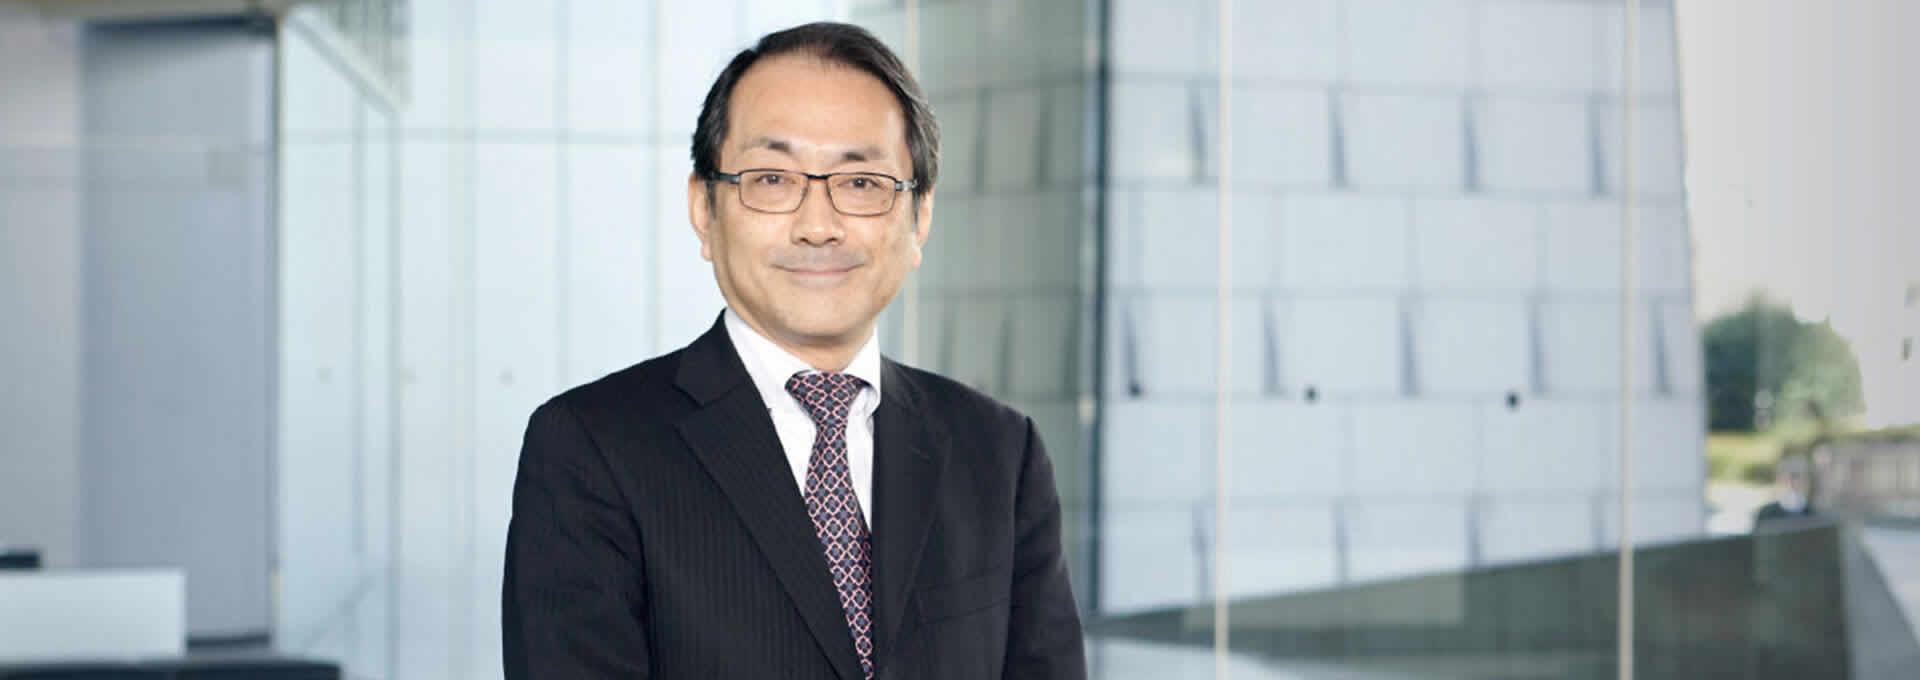 ประธานกรรมการ - Eiji Arai